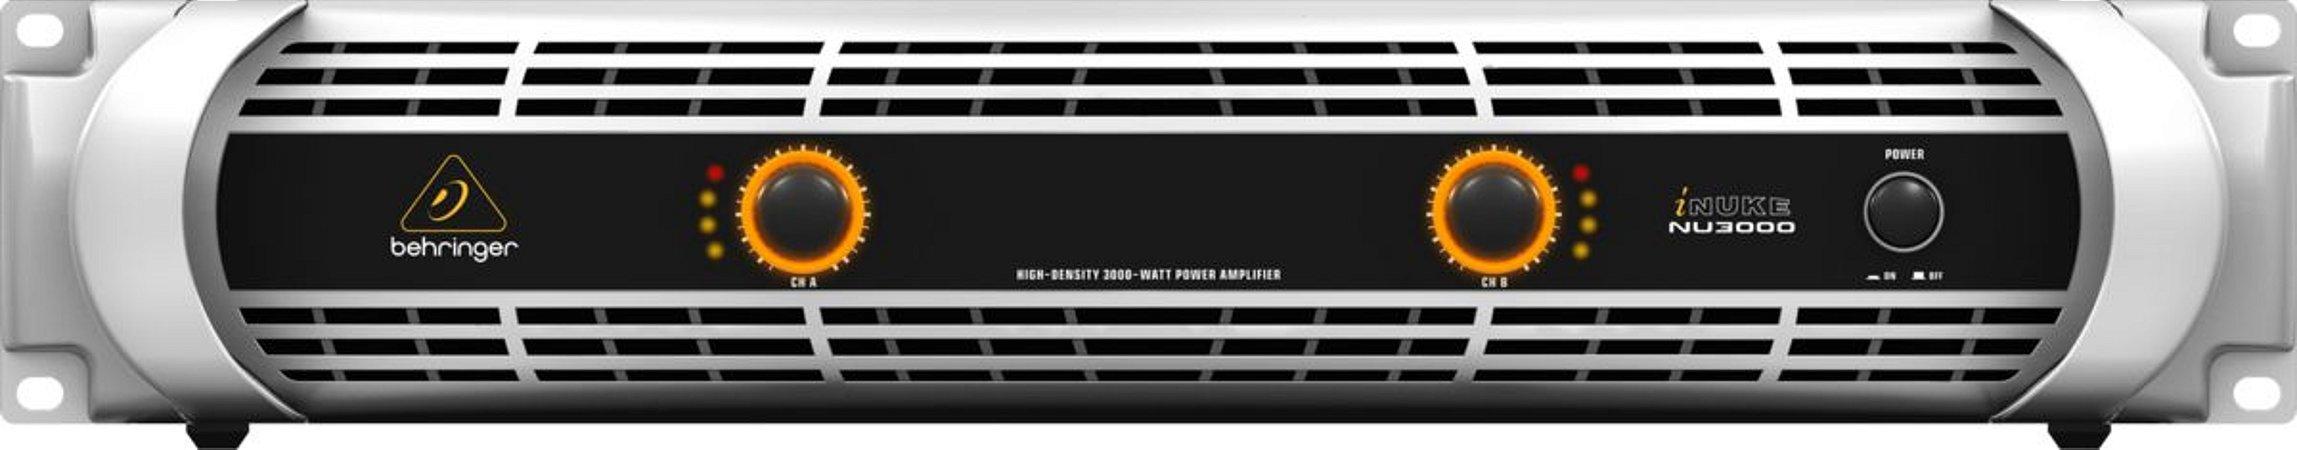 Amplificador Behringer  Inuke NU3000 220V